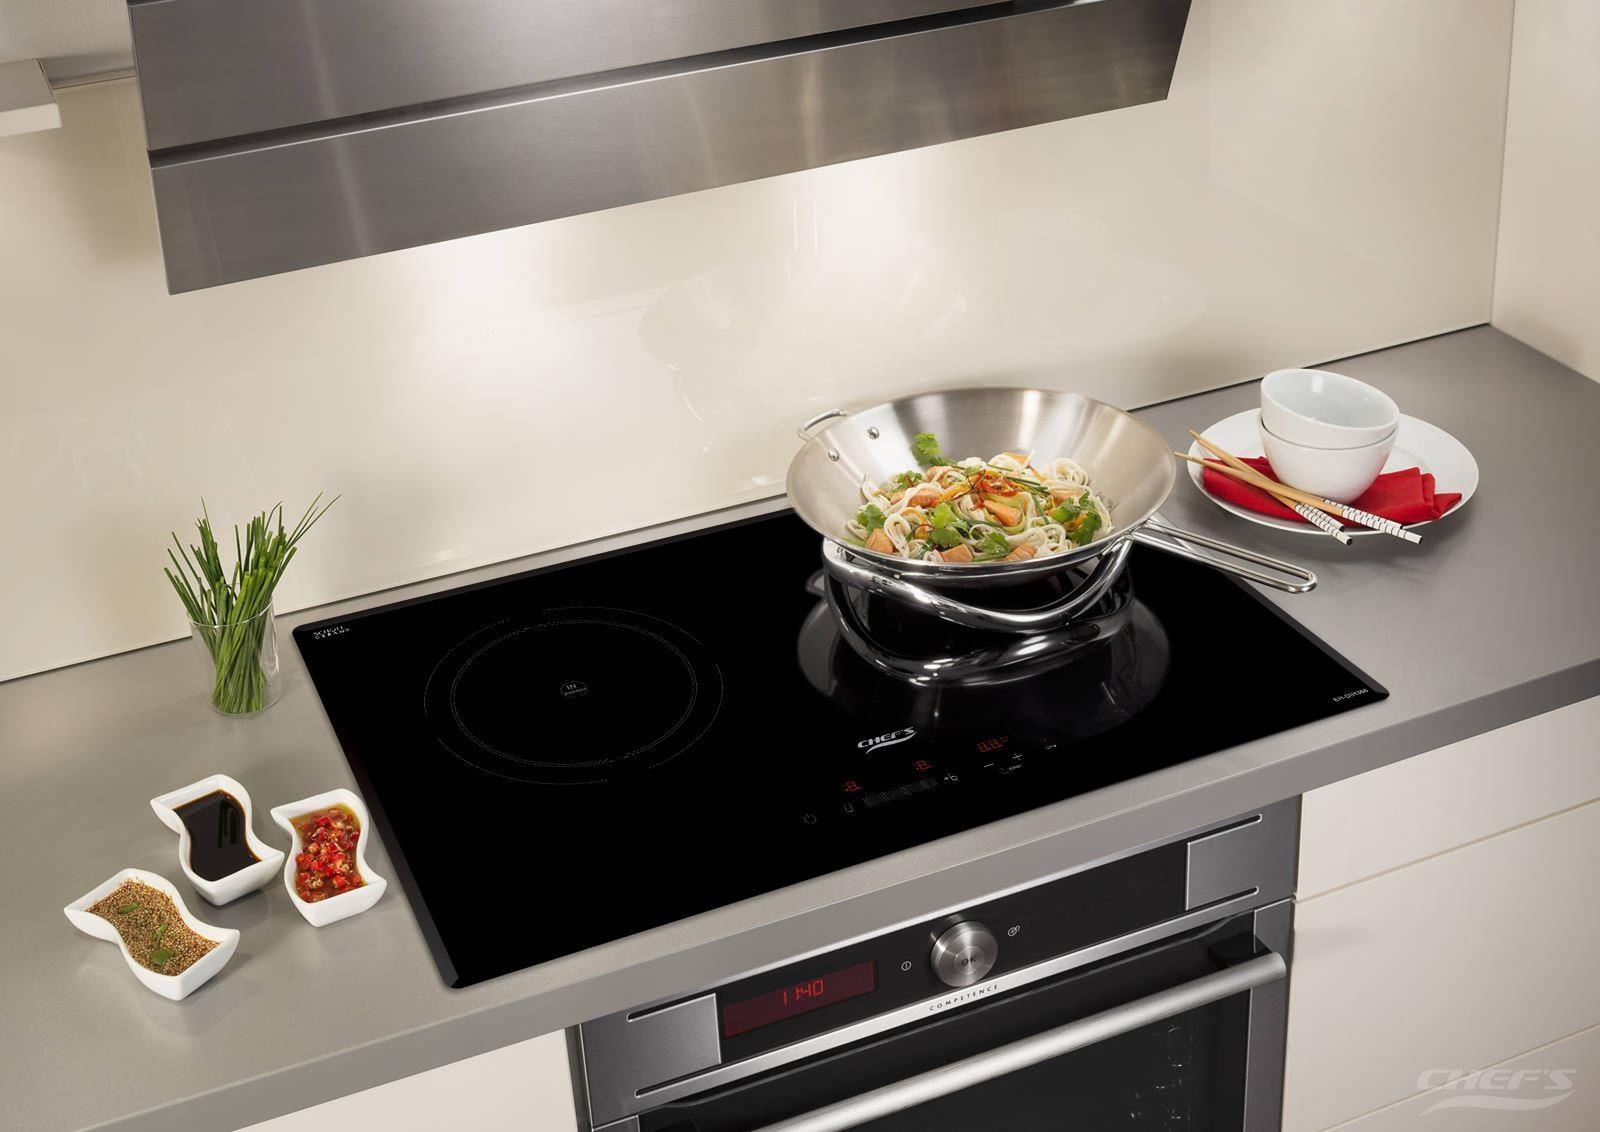 Trong trường hợp bếp xảy ra sự cố nghiêm trọng hơn thì không nên tự ý tháo gỡ, sửa chữa